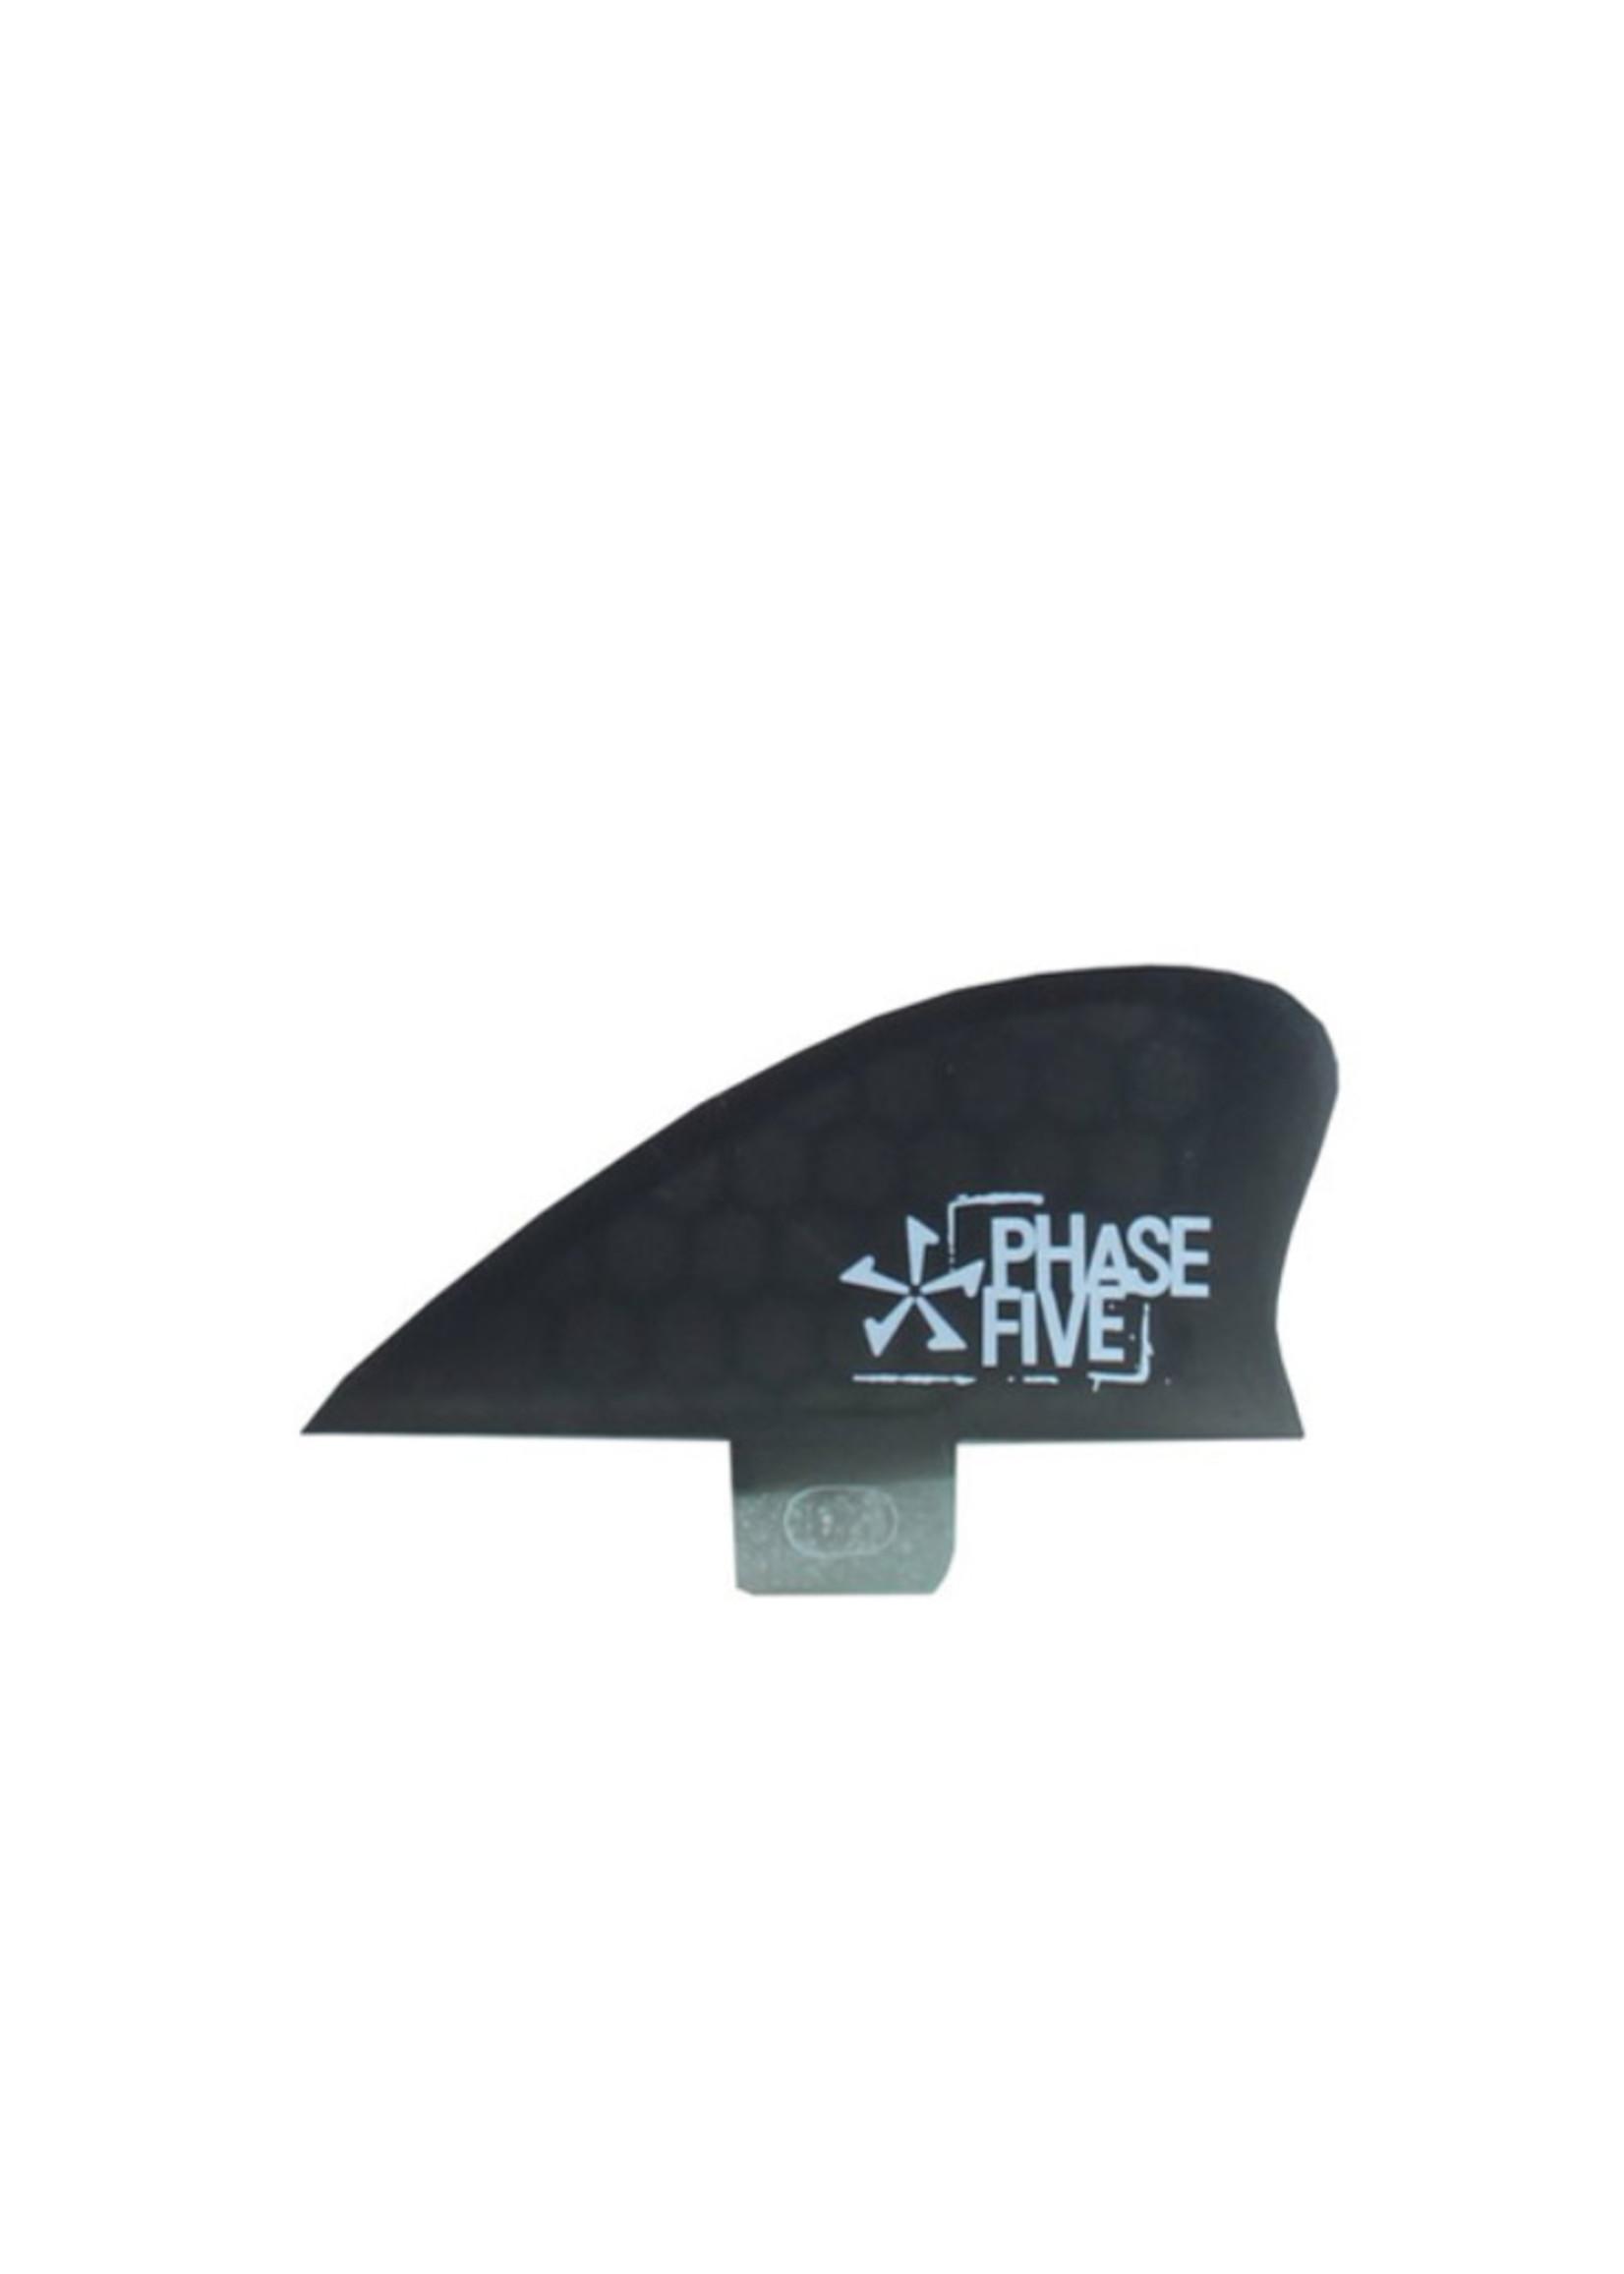 Phase Five Phase Five Nubit FCS Finnen in schwarz für Surf-Style Bretter